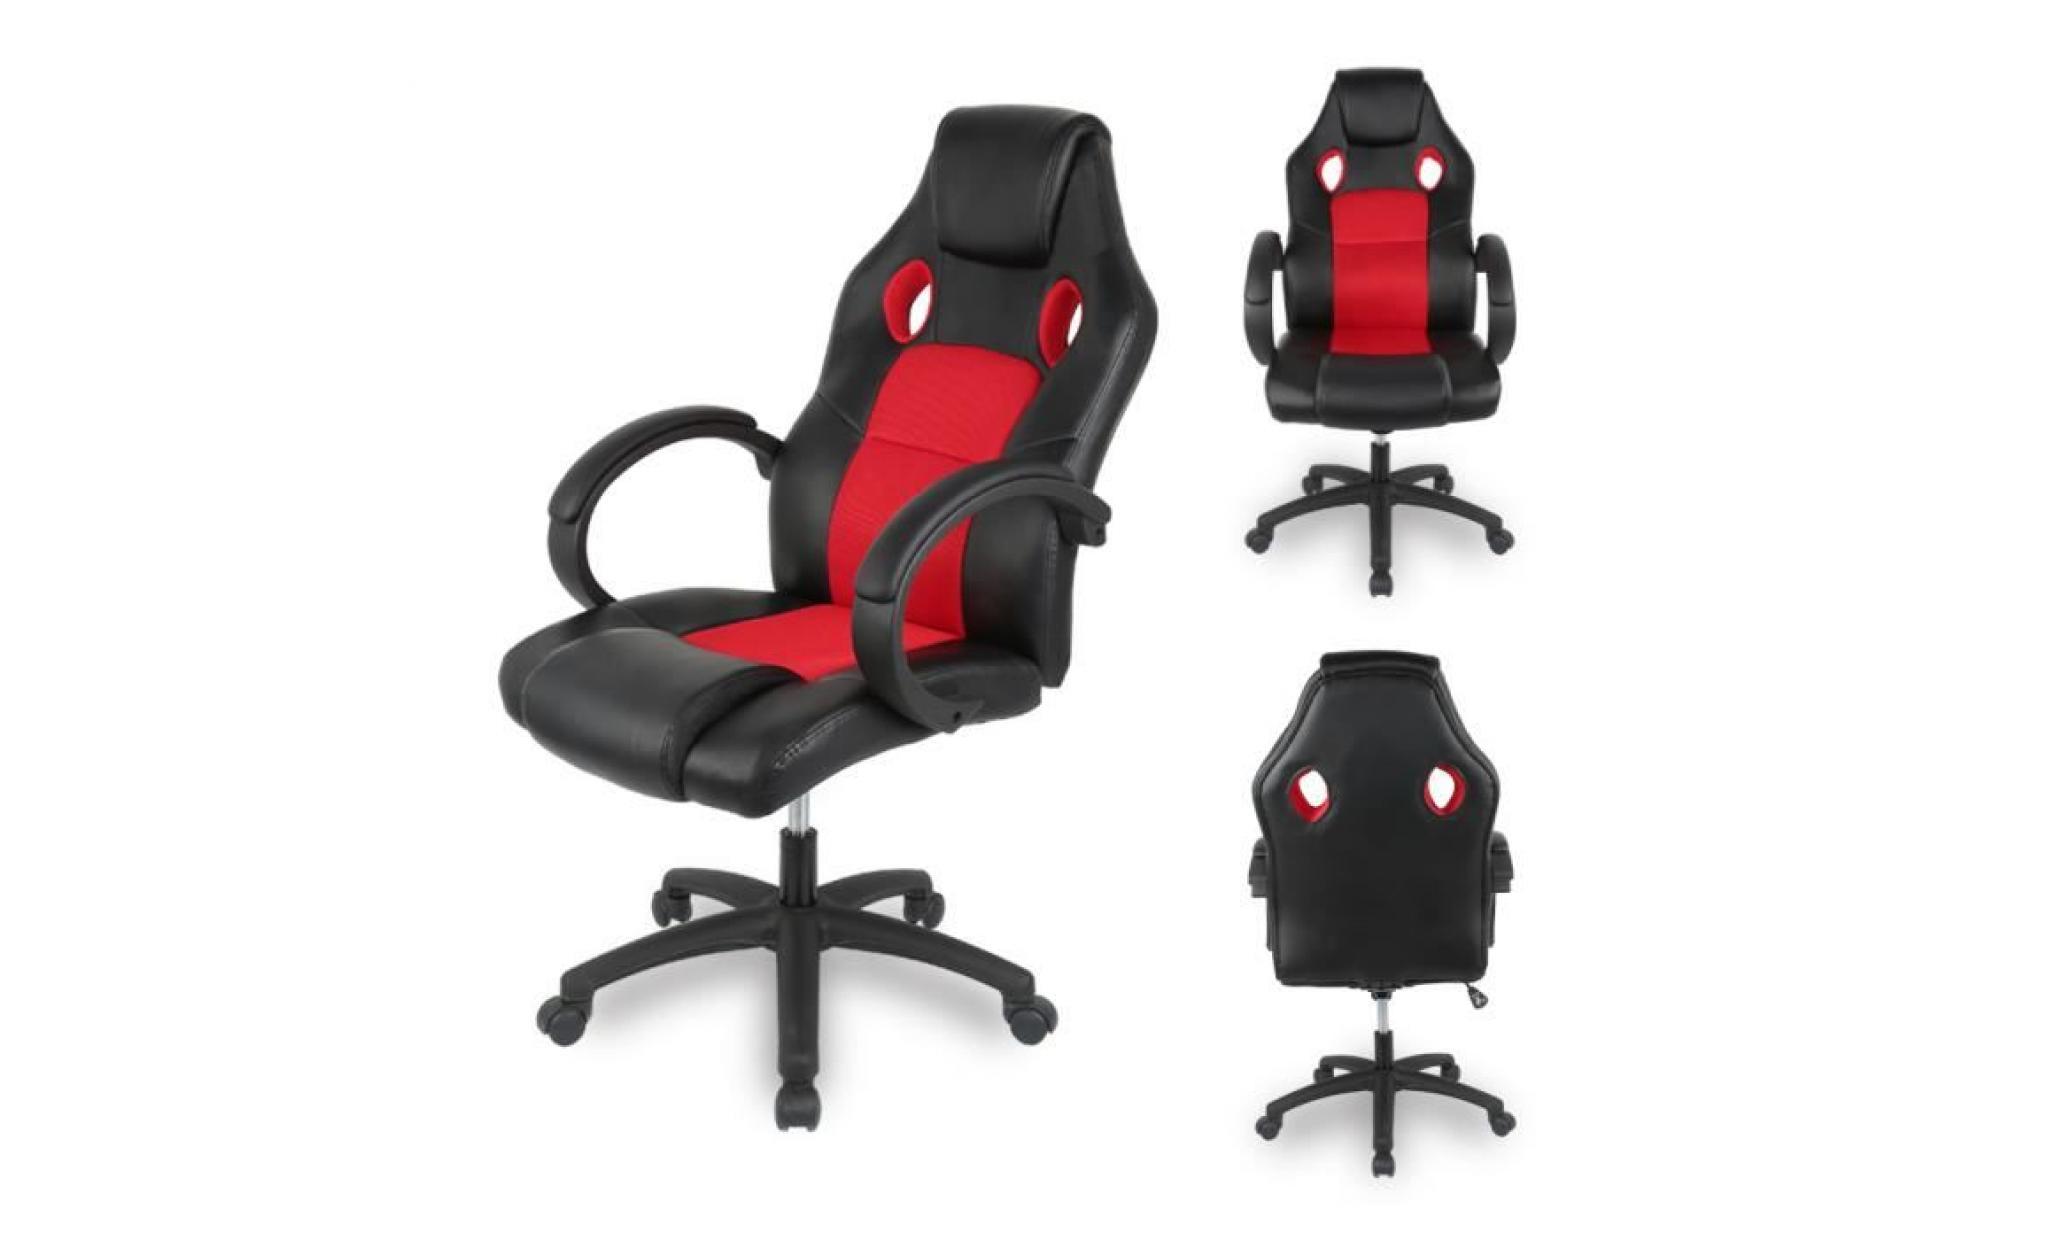 plus récent d1fb3 f2cc4 keisha chaise de bureau rouge et noir sport fauteuil de bureau roues racing  rembourrée